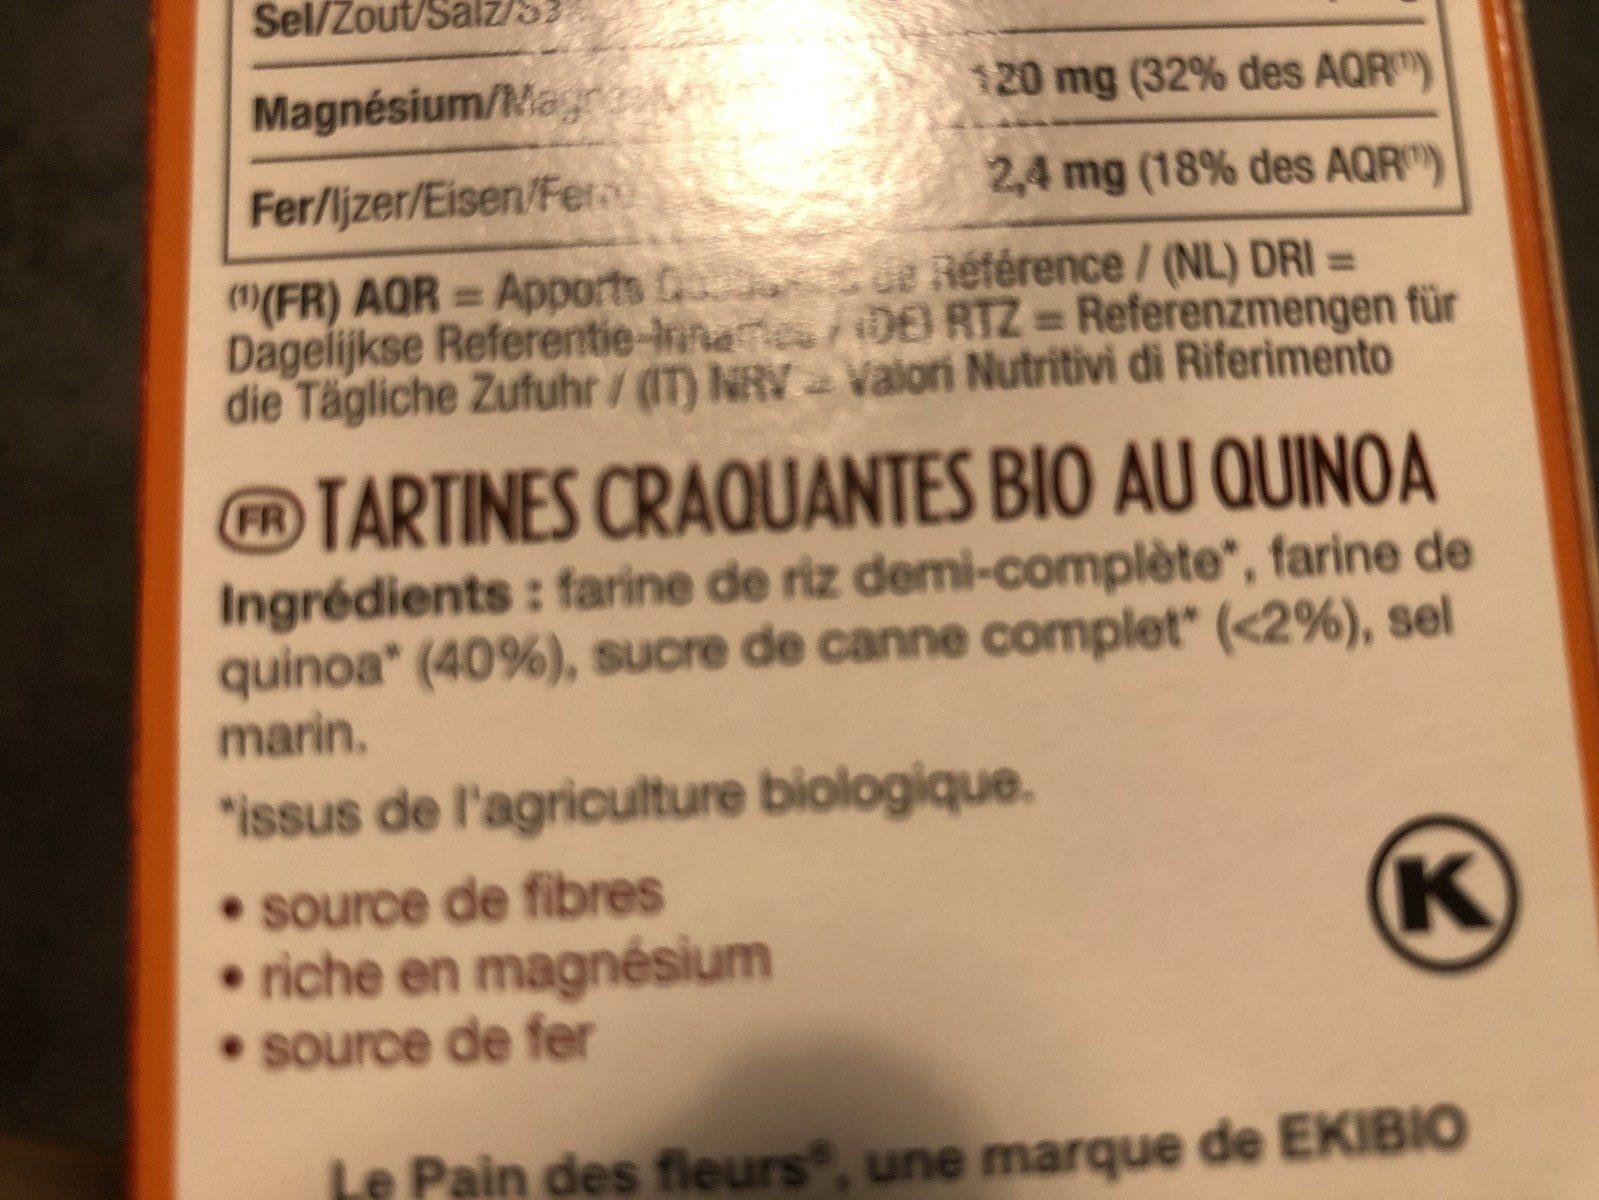 tartines craquantes riz et quinoa - Ingrediënten